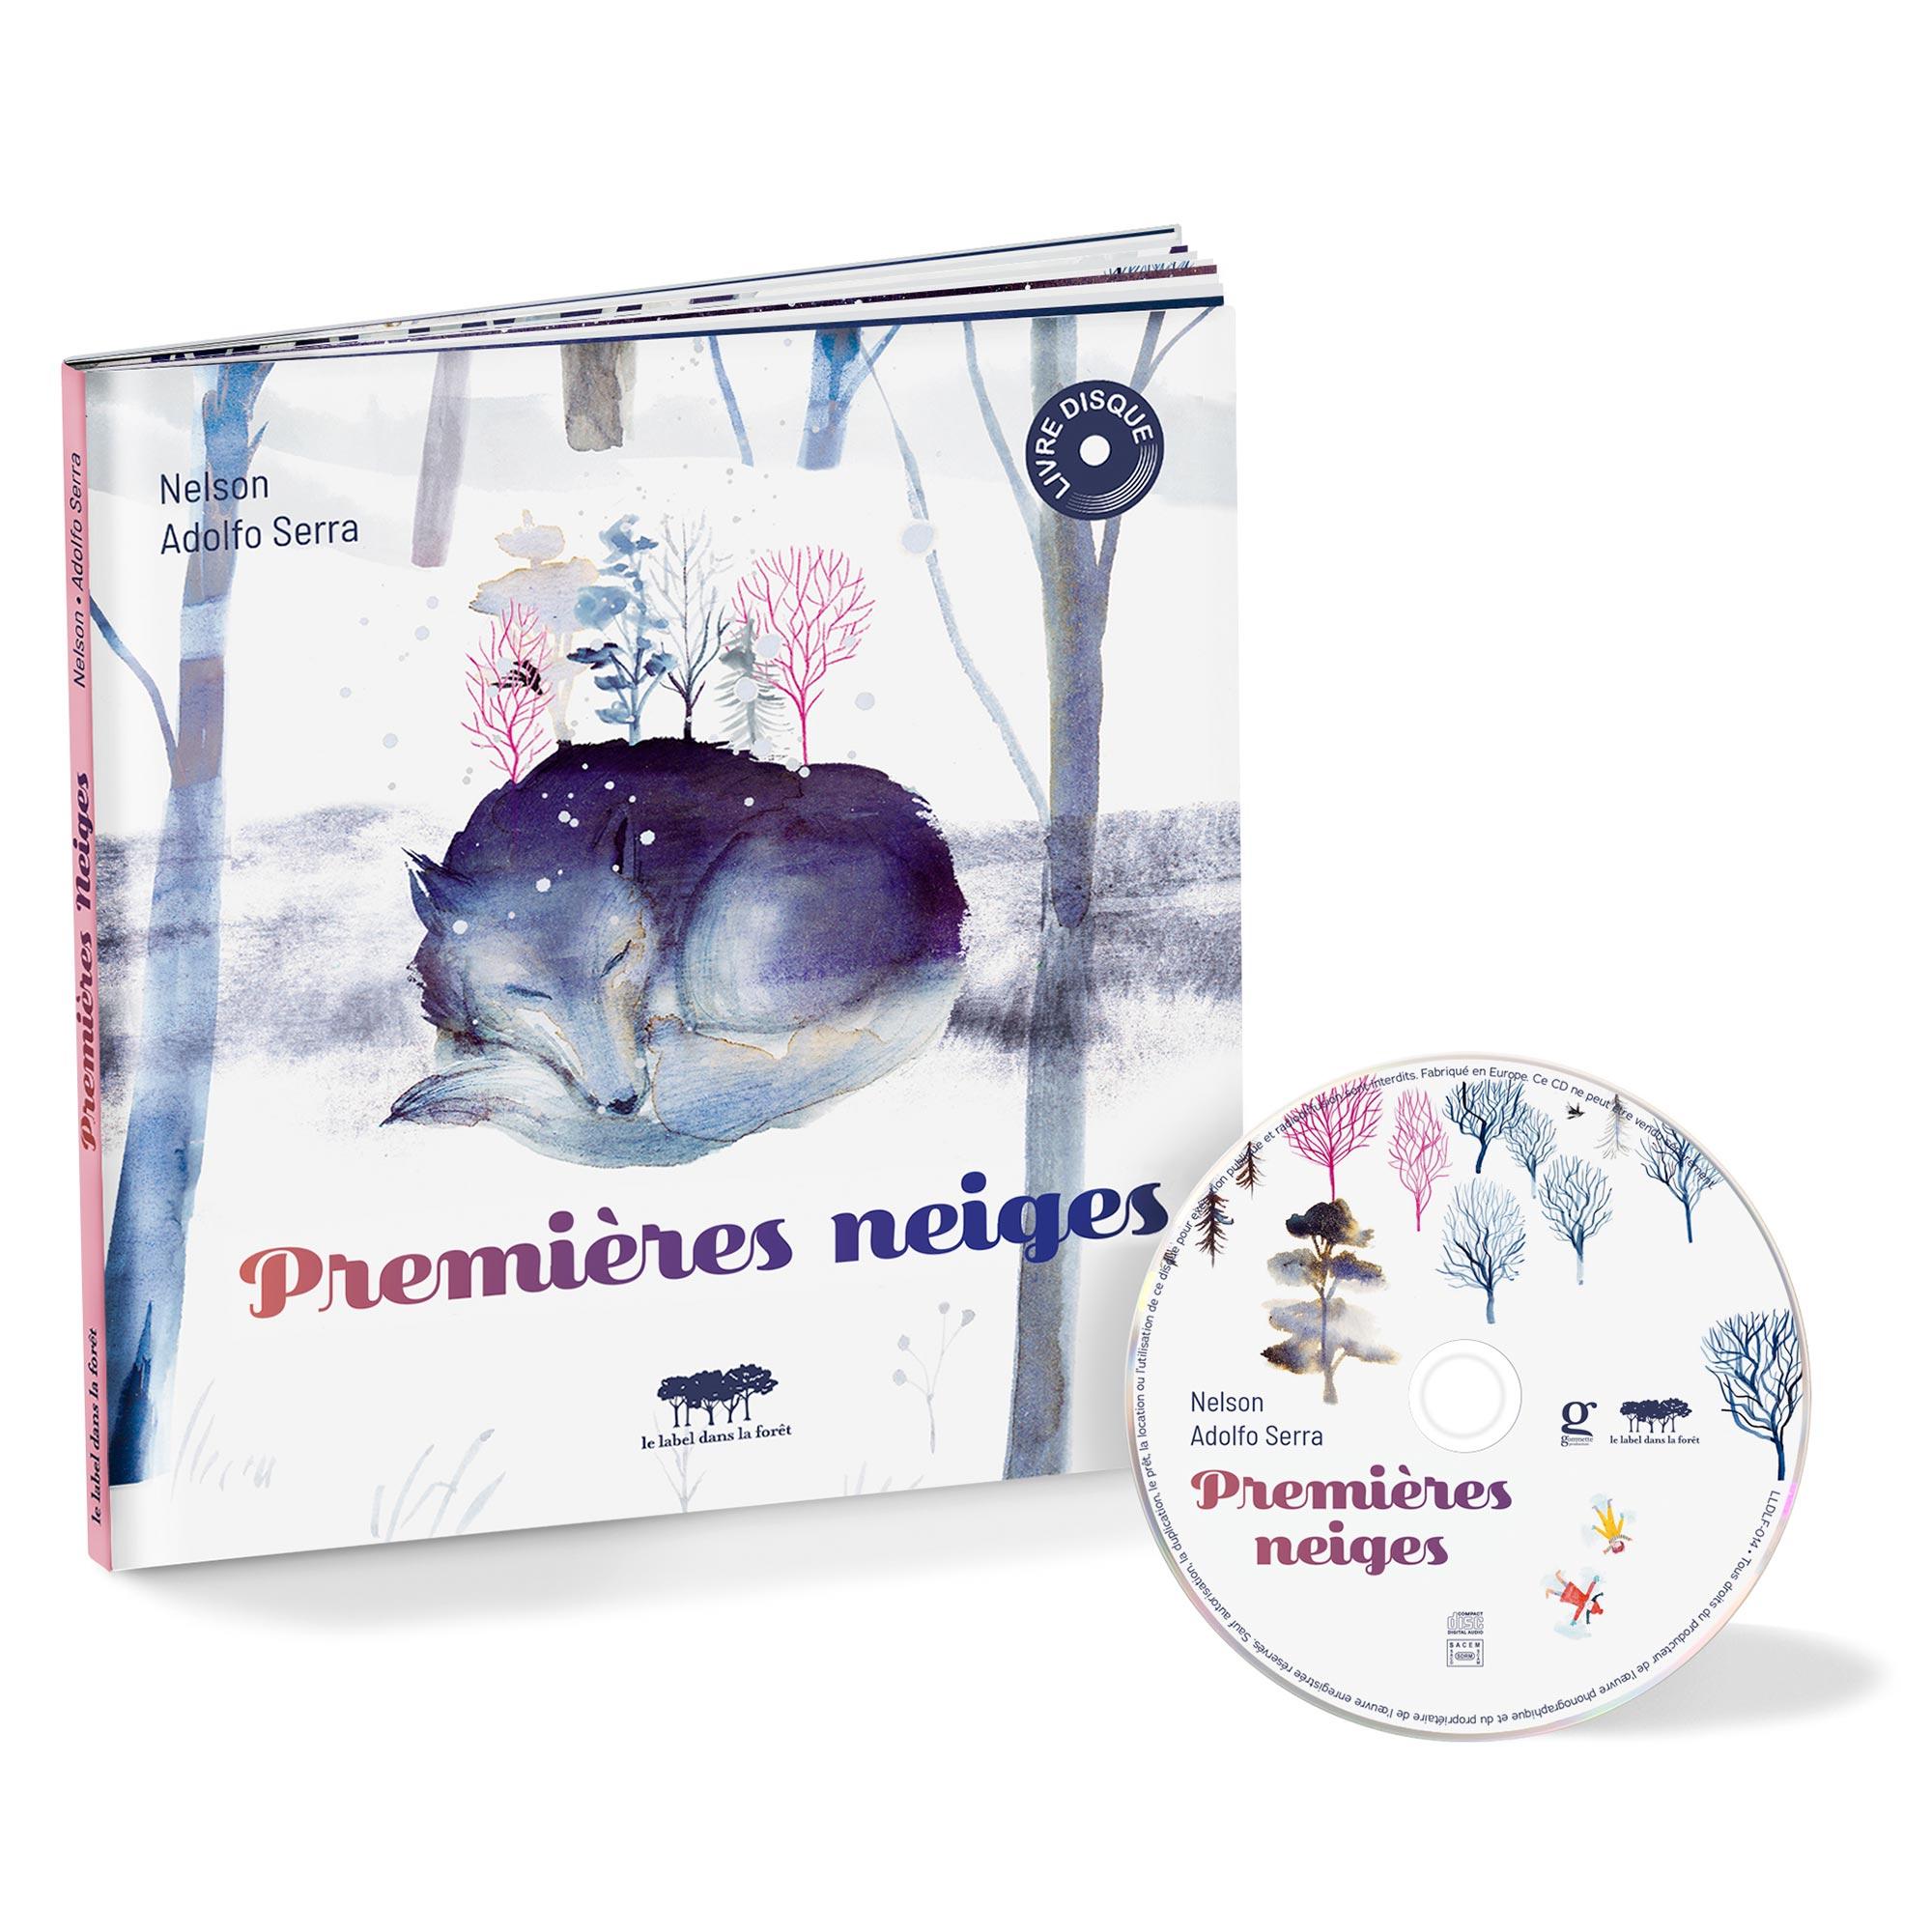 Le label dans la foret - Premieres Neiges - packshot